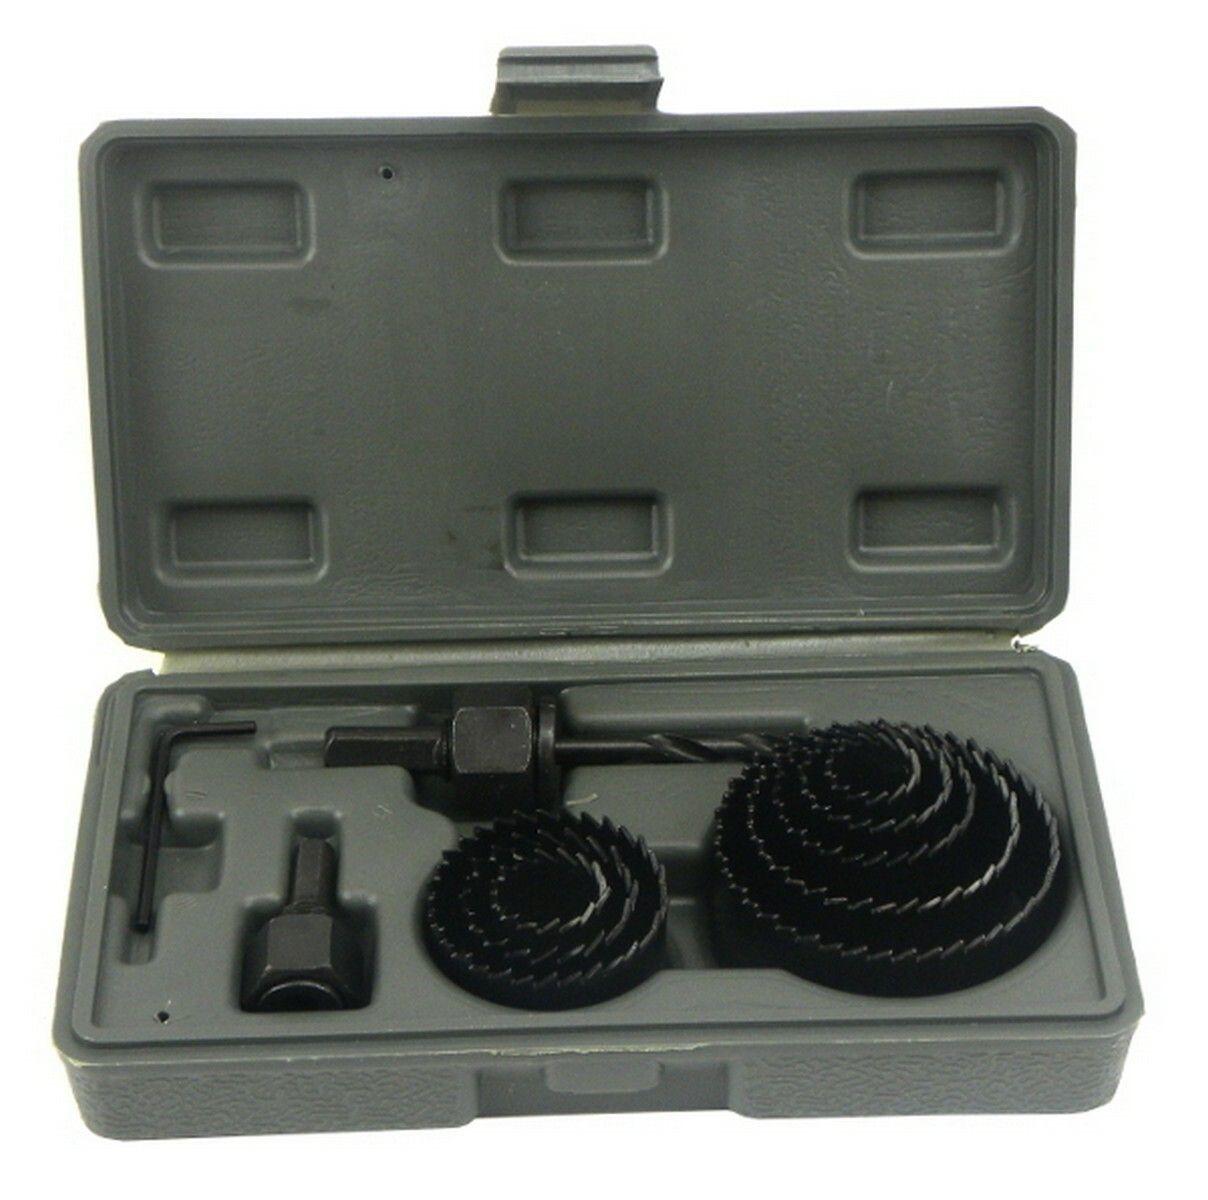 GEKO G30001 Vrtáky vykružovací korunkové, sada 11ks, 19-64mm